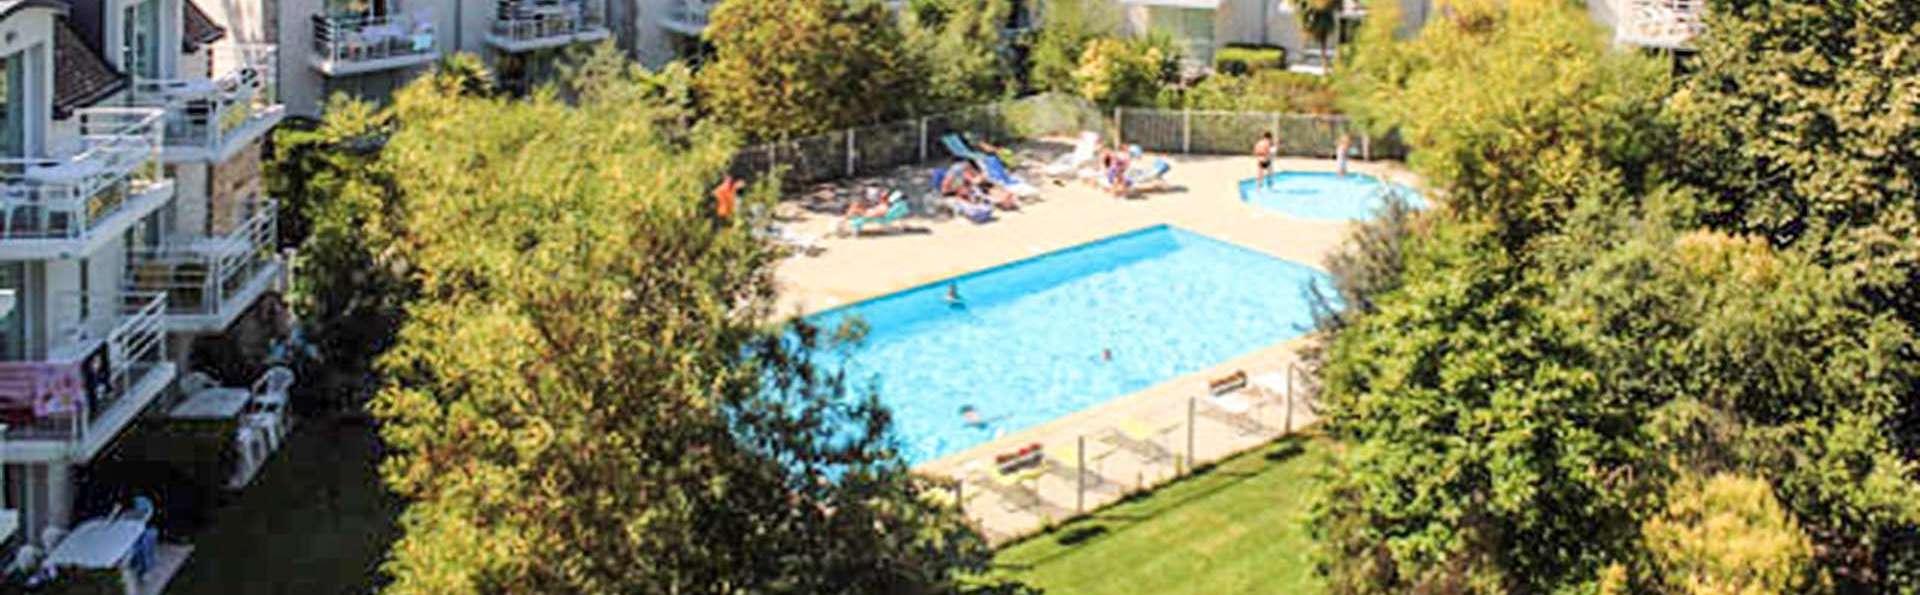 Vacancéole Le Domaine des Glénan - EDIT_domaine-des-glenan-fouesnant-exterieur-piscine_01.jpg